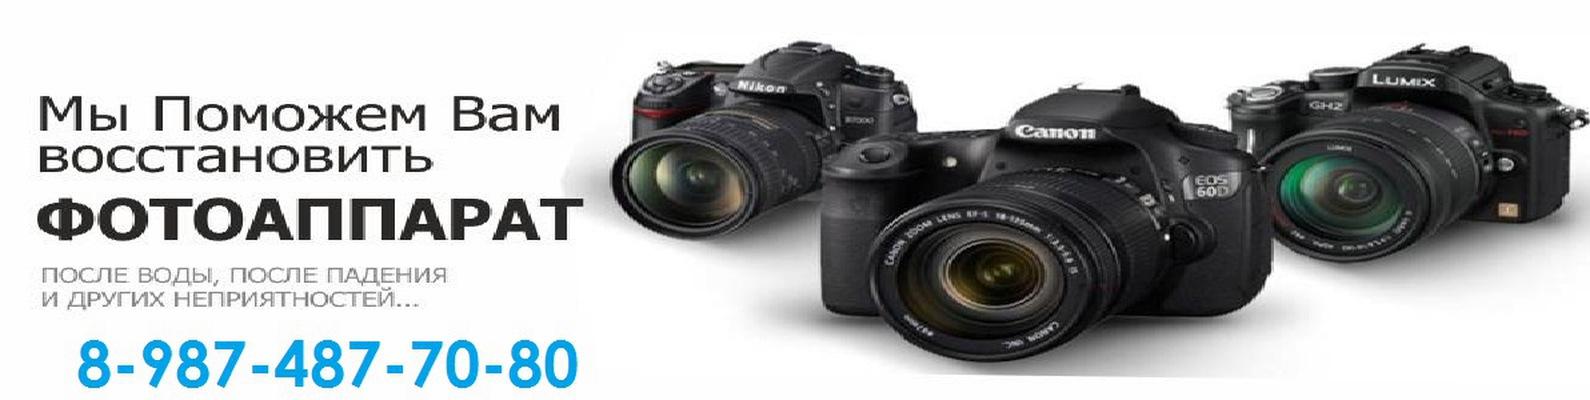 Ремонт фотоаппарата olympus, уфа - ремонт в Москве sony handycam hdr cx700e цена